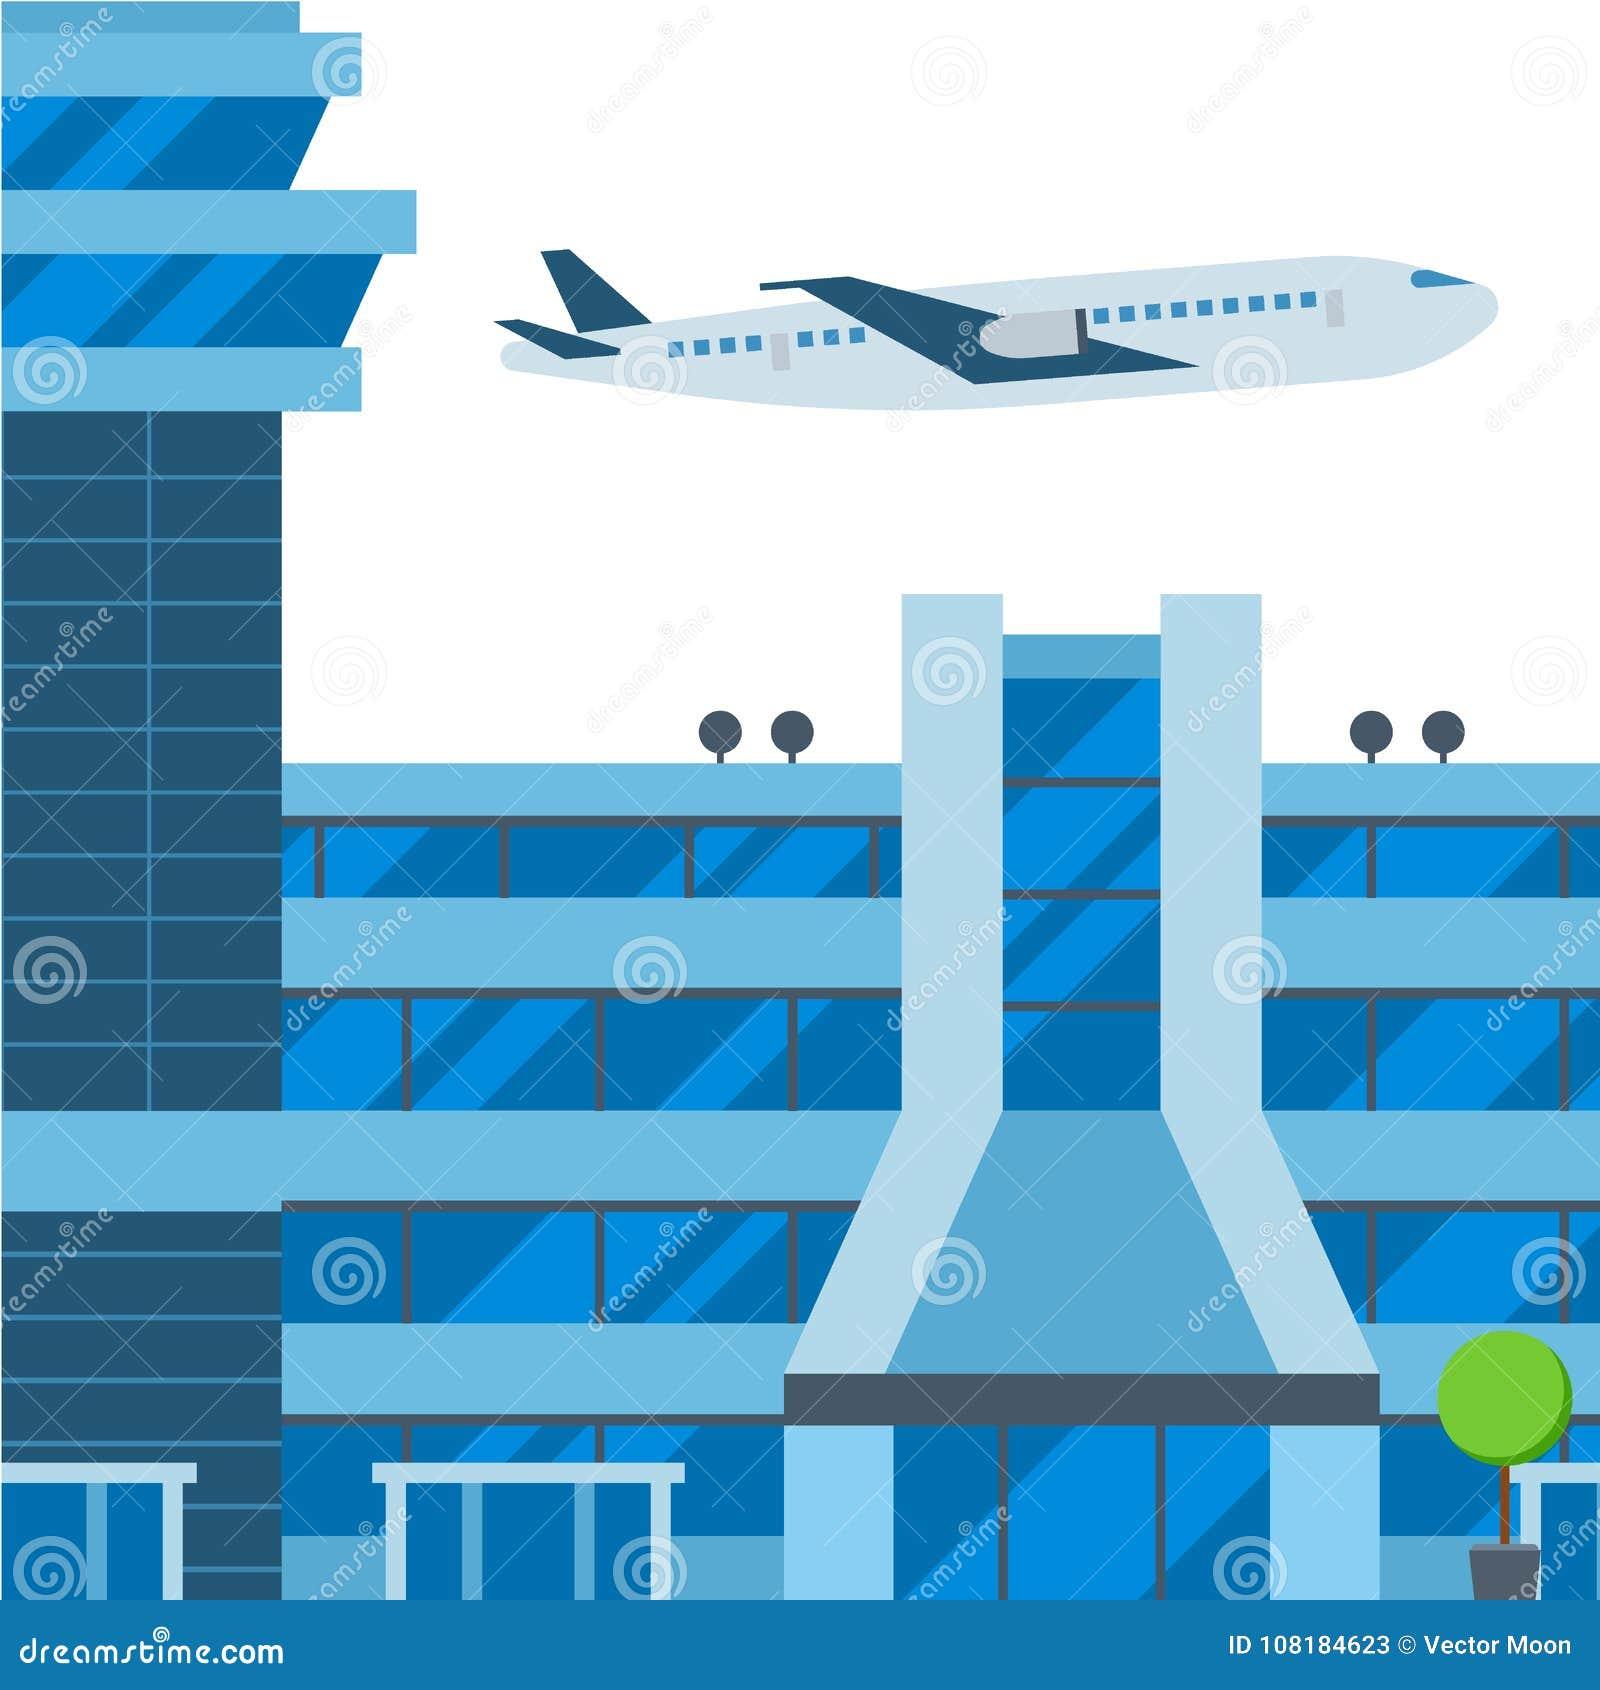 Ilustrao grfica do smbolo do curso da mosca do transporte de ilustrao grfica do smbolo do curso da mosca do transporte de aeroporto do avio da linha area do vetor do aeroporto da avia ccuart Images